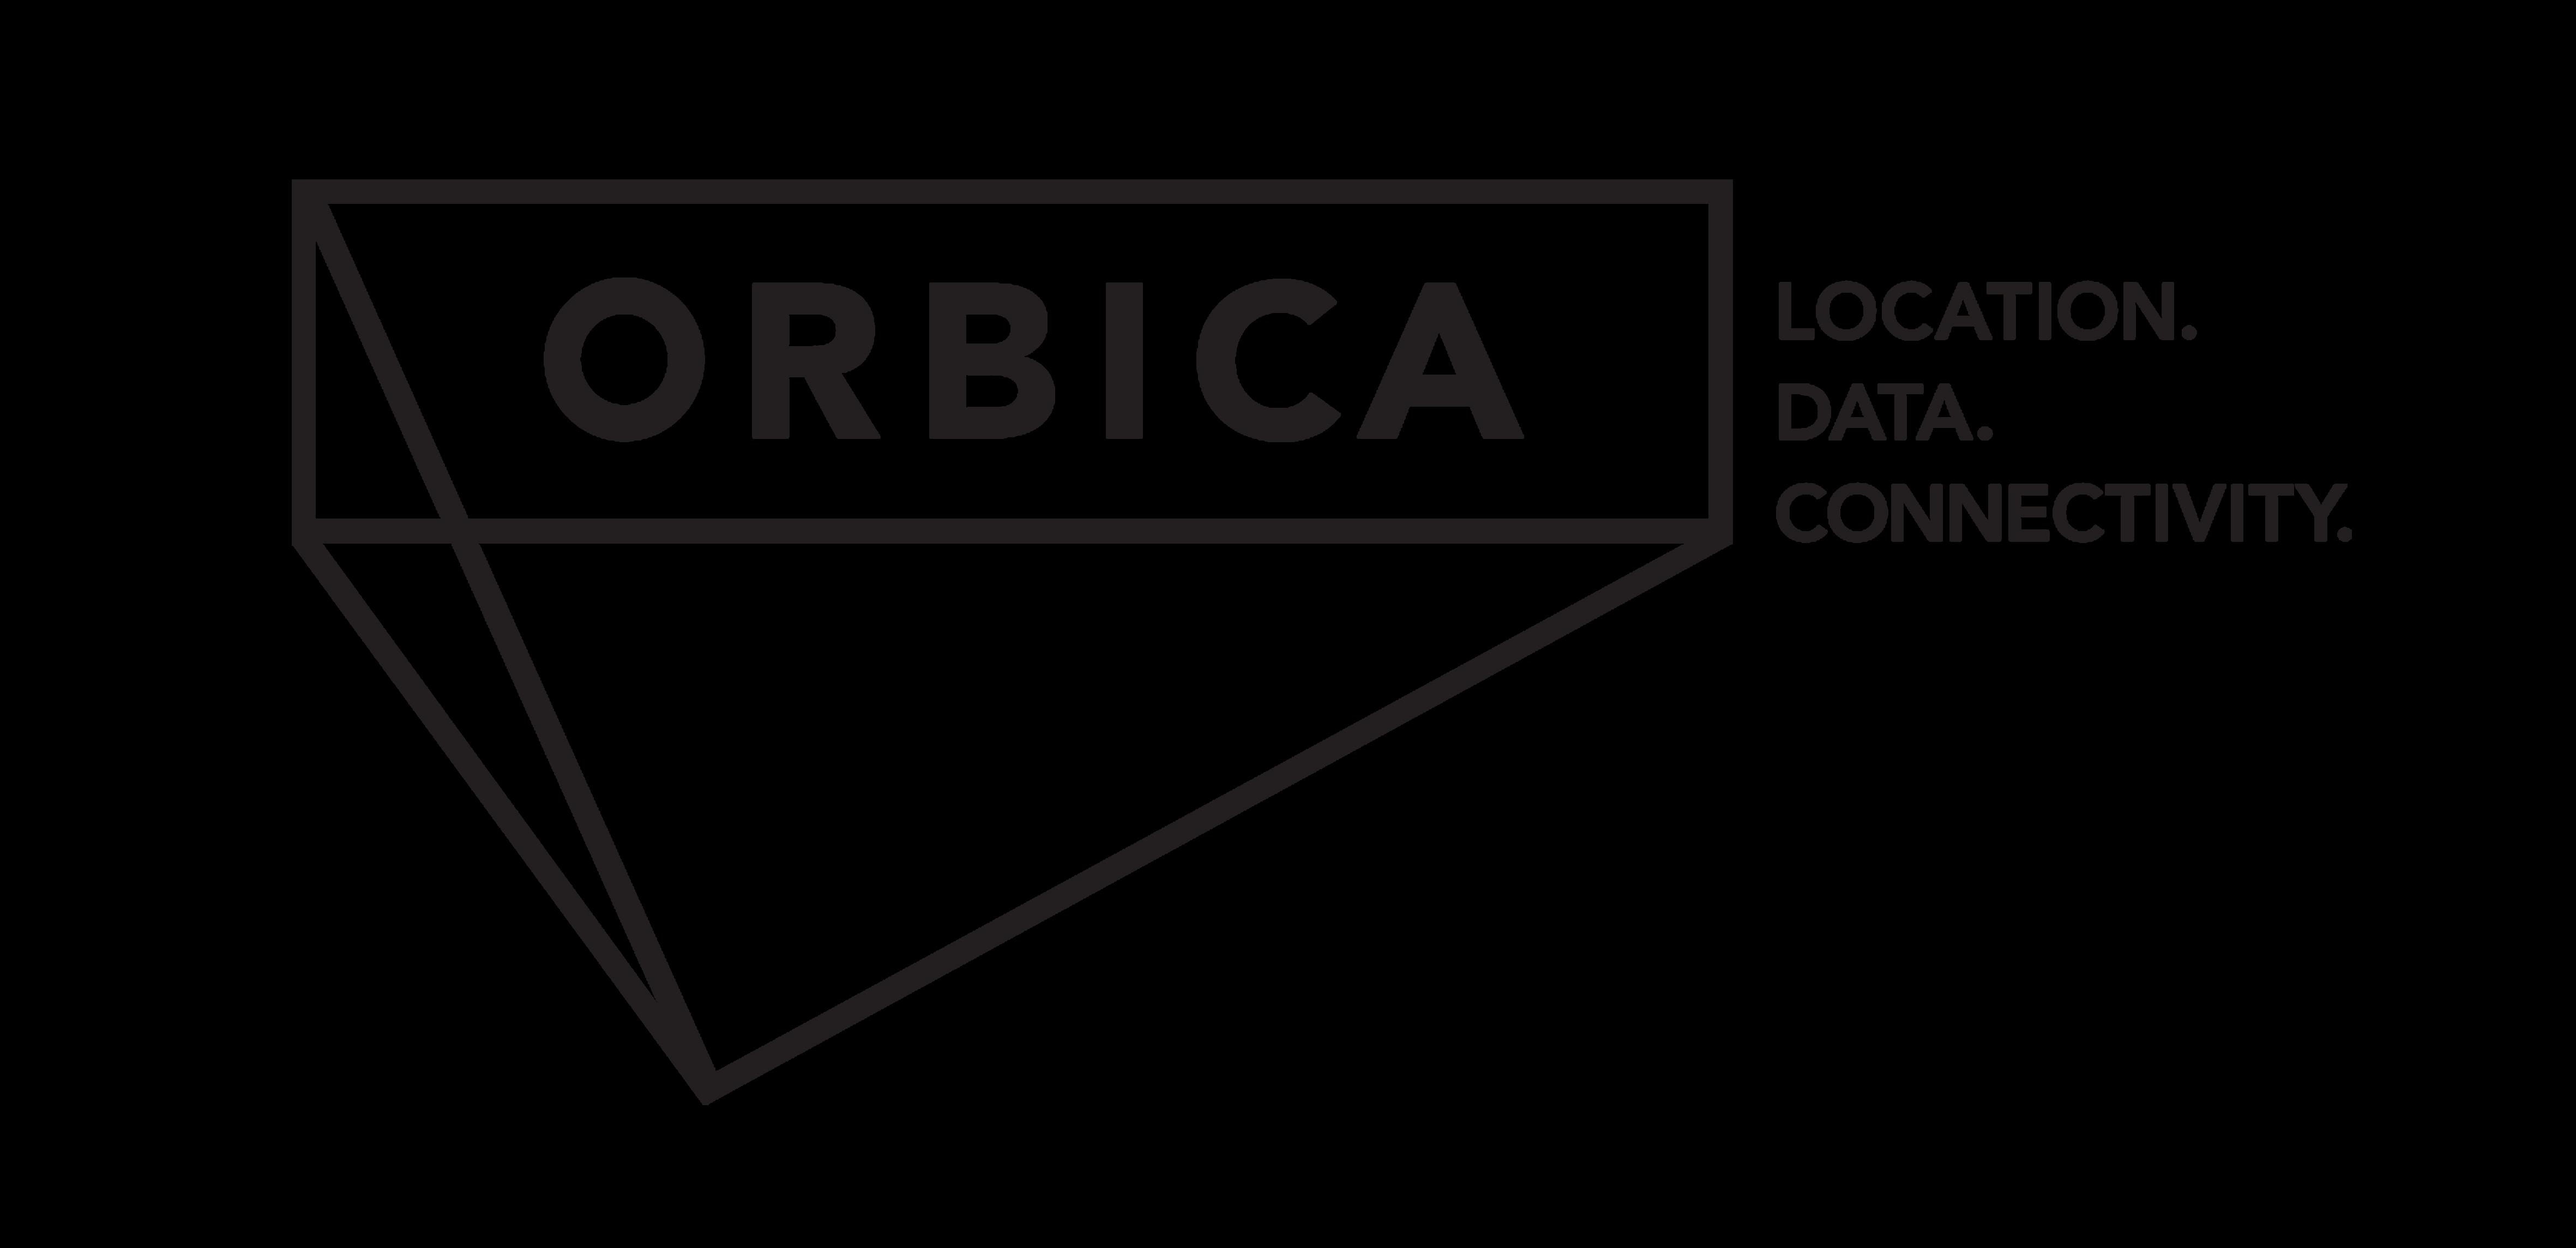 Orbica Logo